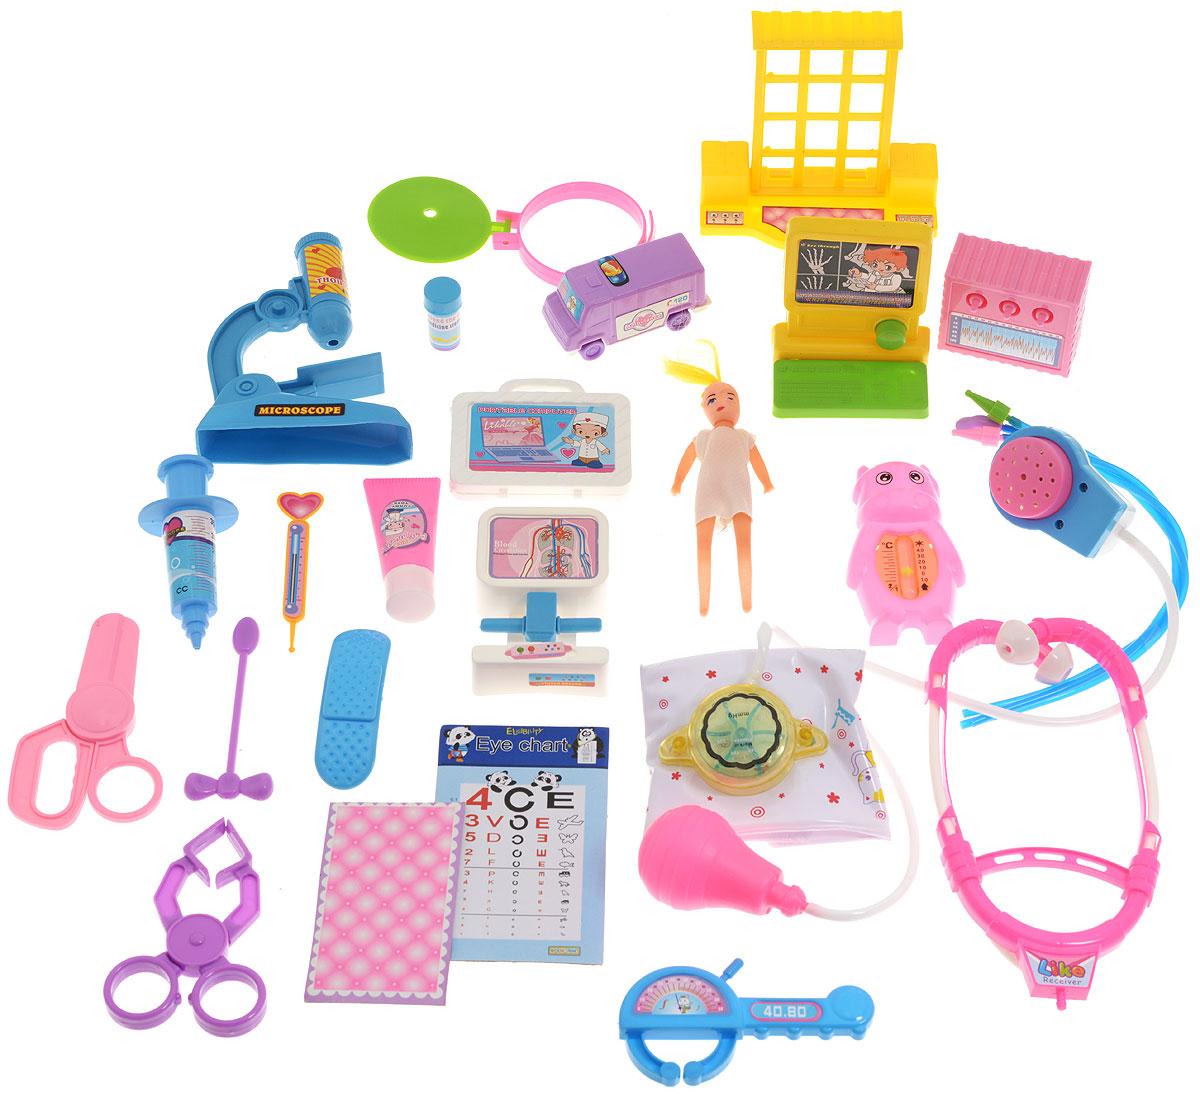 Junfa Toys Игровой набор Family Doctor мальчик3812A_мальчикИгровой набор Junfa Toys Family Doctor в специальном пластмассовом чемоданчике станет отличным подарком для юного медика. Набор даст возможность ребенку почувствовать себя настоящим врачом. В наборе множество различных инструментов, без которых лечение больных будет невозможно. Малыш найдет в своем медицинском сундучке зажим, зеркало ЛОРа, фонендоскоп, микроскоп, планшет, таблицу для проверки зрения и многое-многое другое. В набор также входит маленькая куколка. Куколке нужна срочная помощь! Вылечи куклу и все свои игрушки с помощью этого чудесного набора.